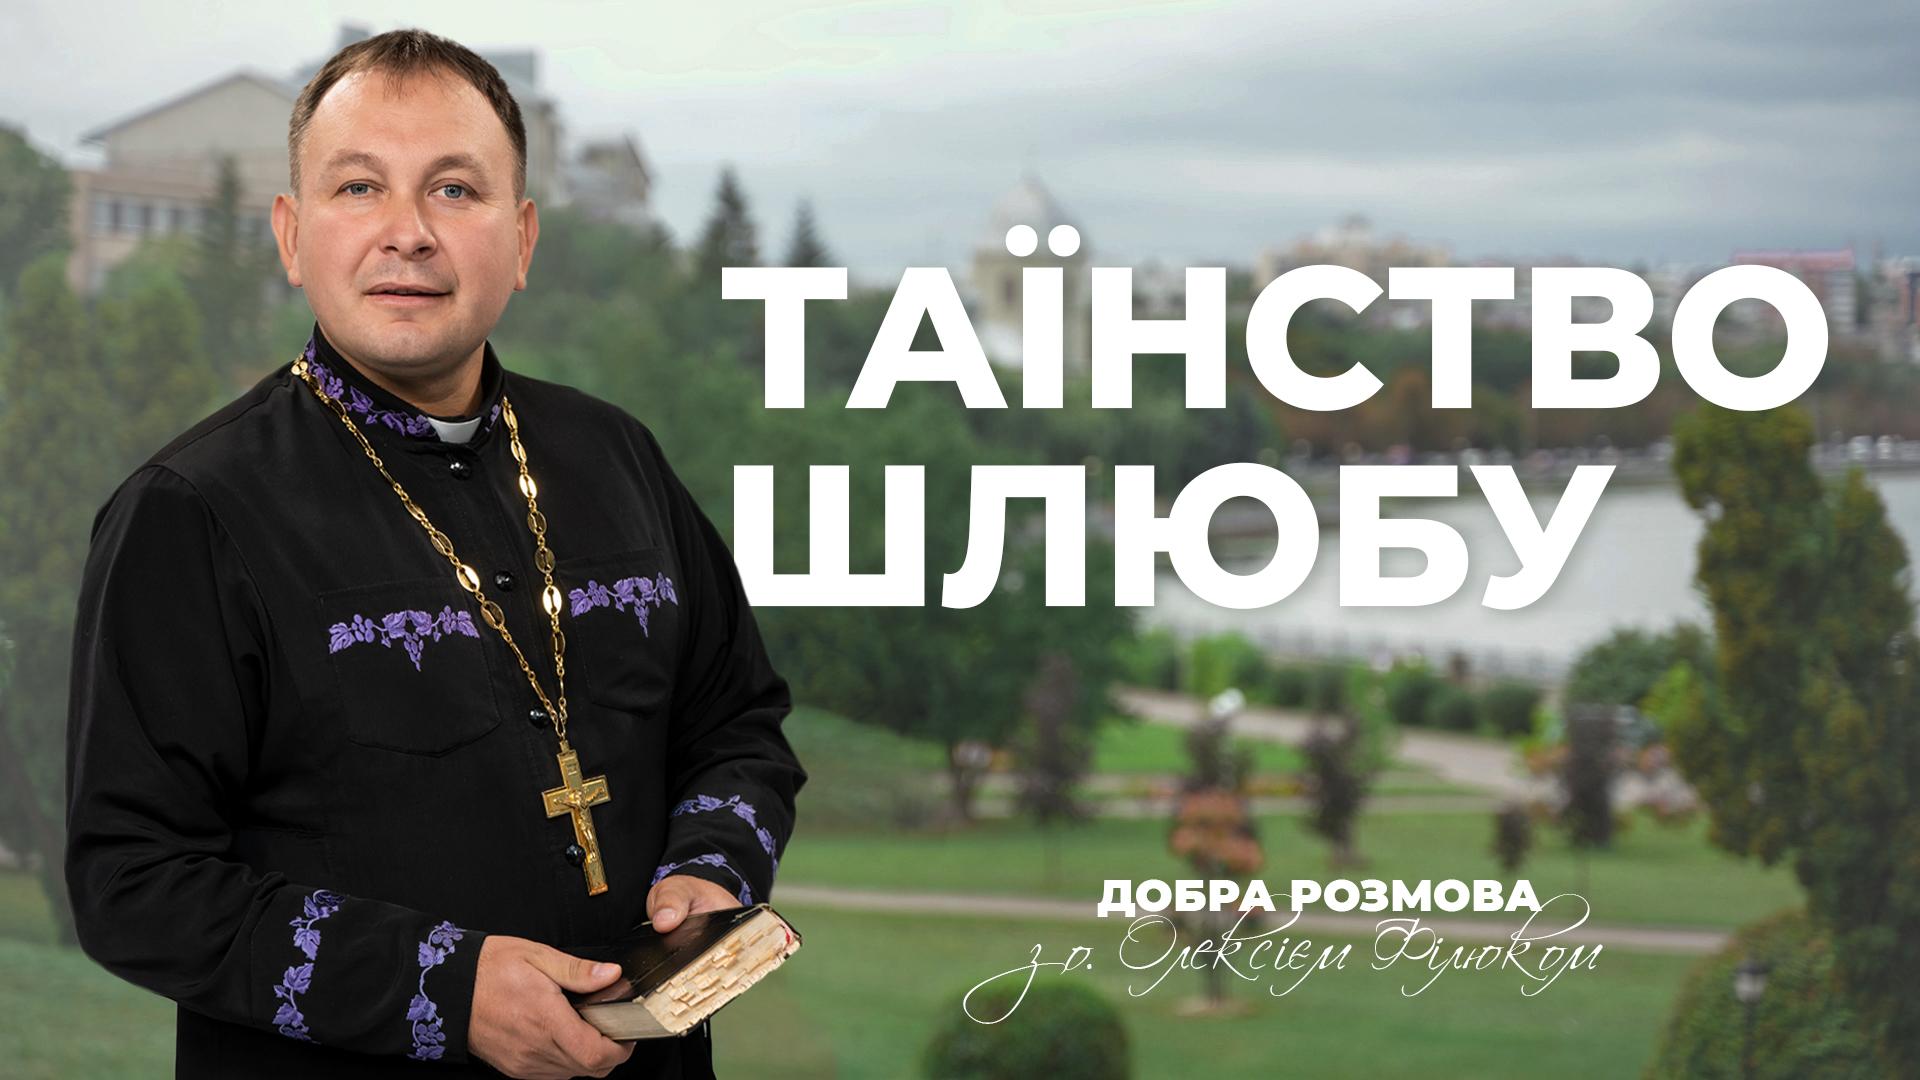 «Добра розмова» з отцем Олексієм Філюком — Таїнство шлюбу | #1